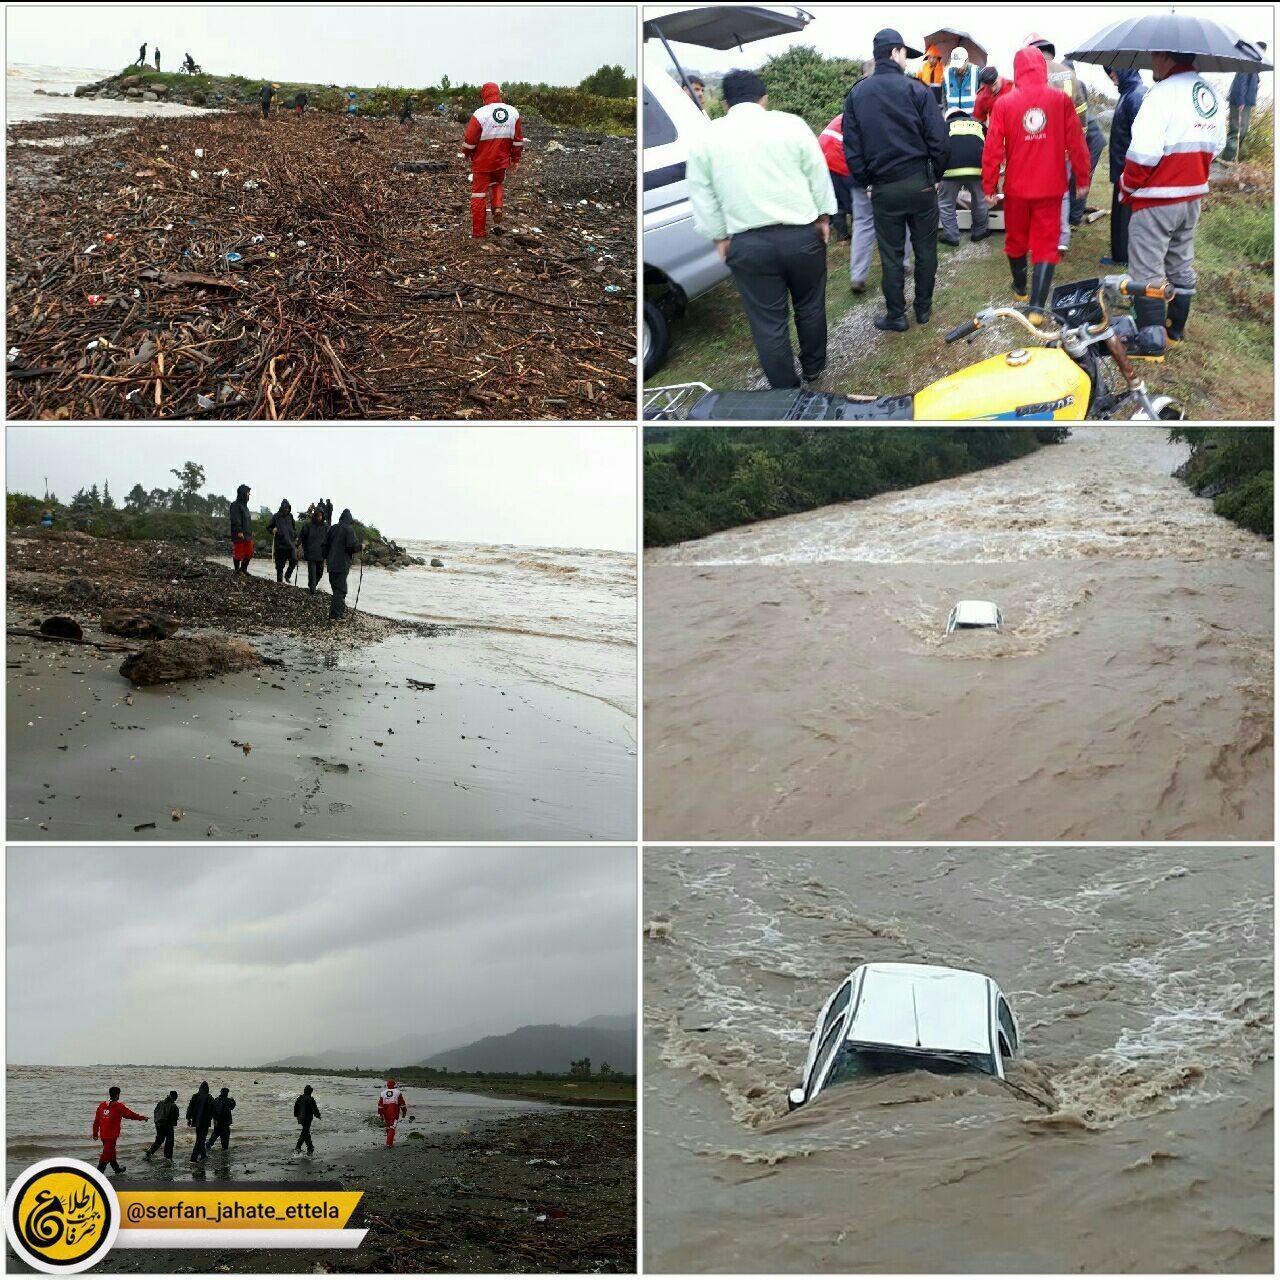 سقوط پژو ۲۰۶به رودخانه حویق تالش/۳نفر کشته و یک نفر مفقود شد